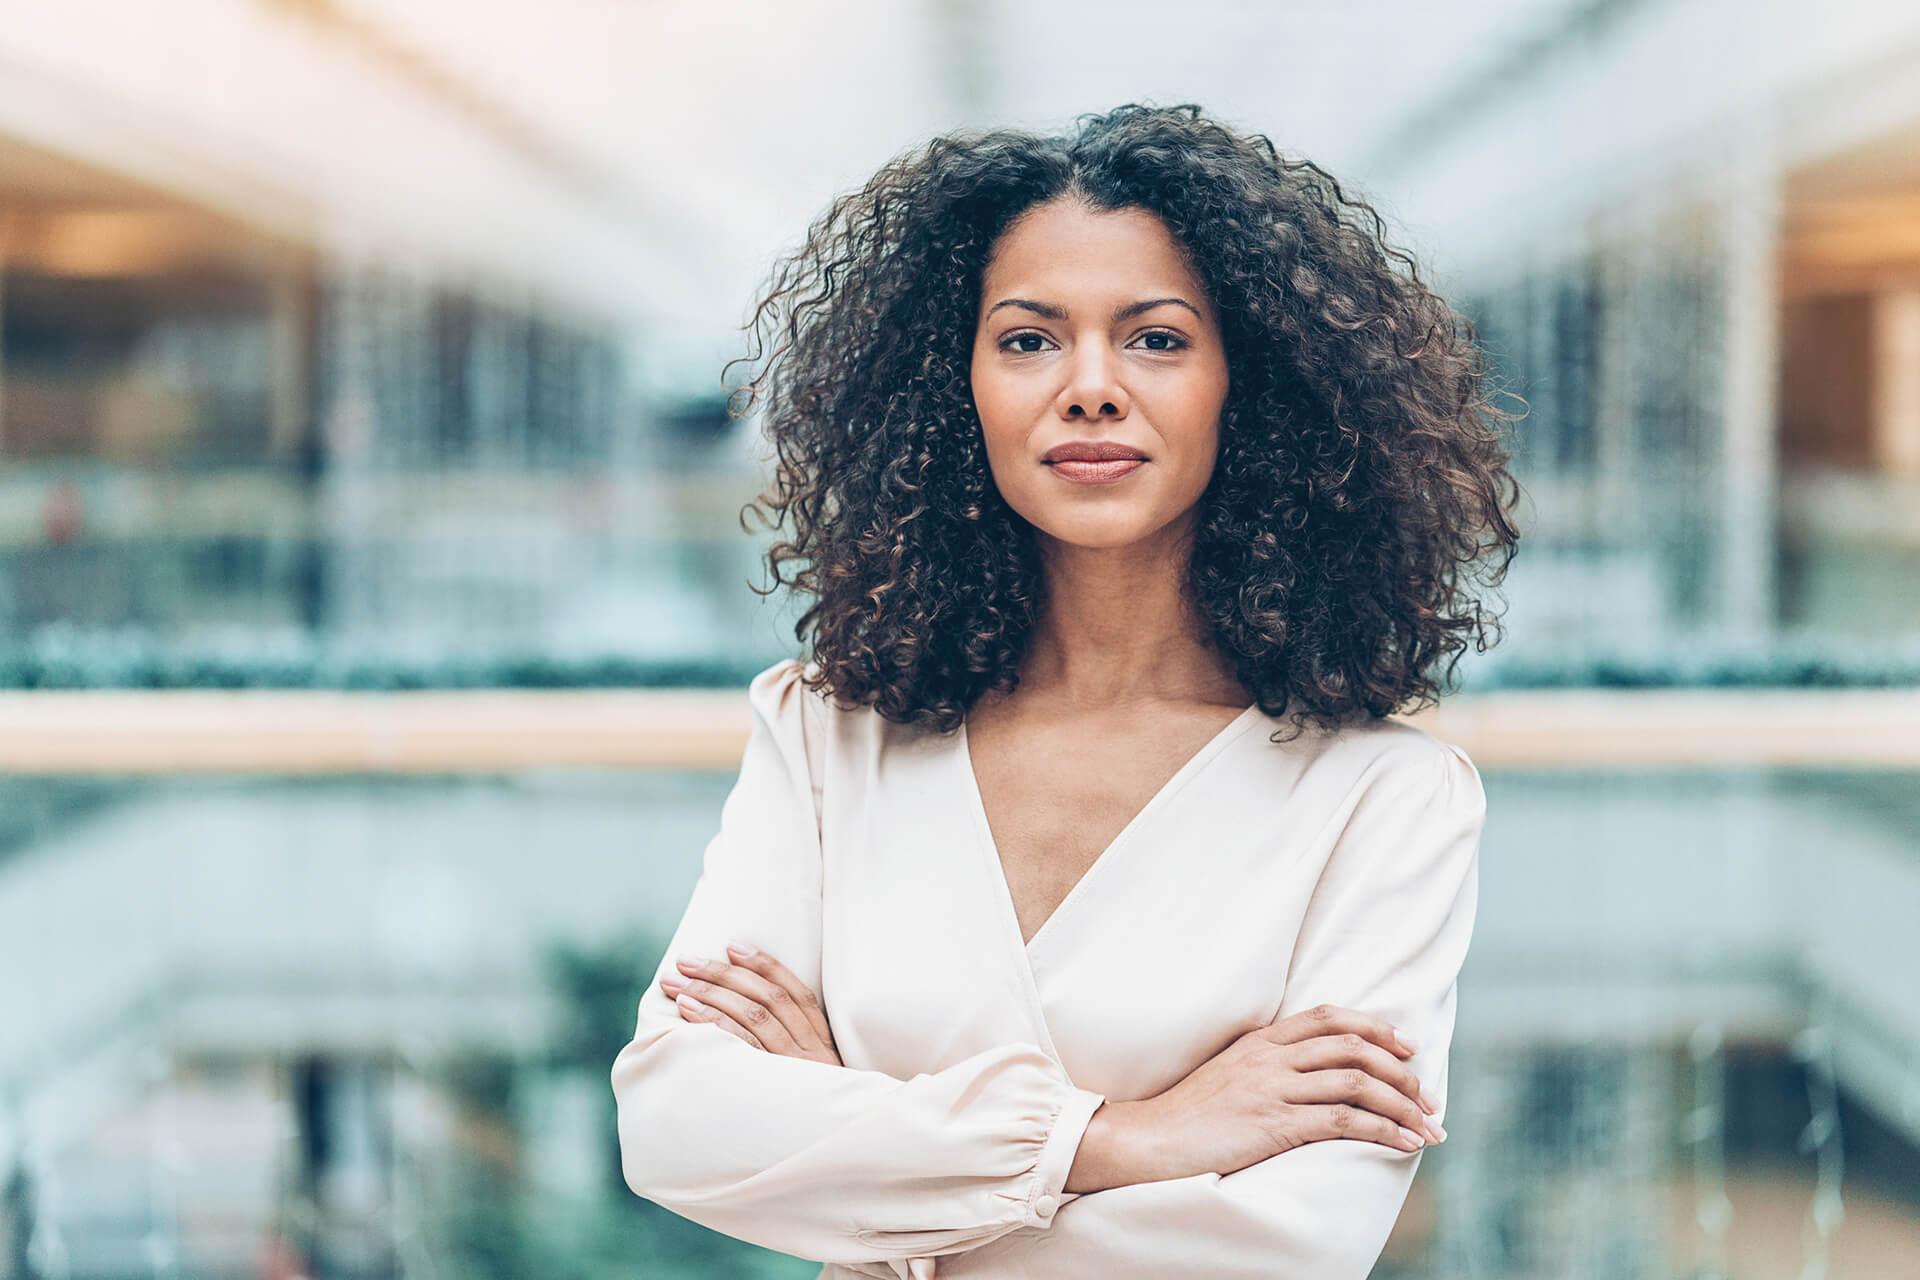 Empreendedorismo feminino: desafios e oportunidades